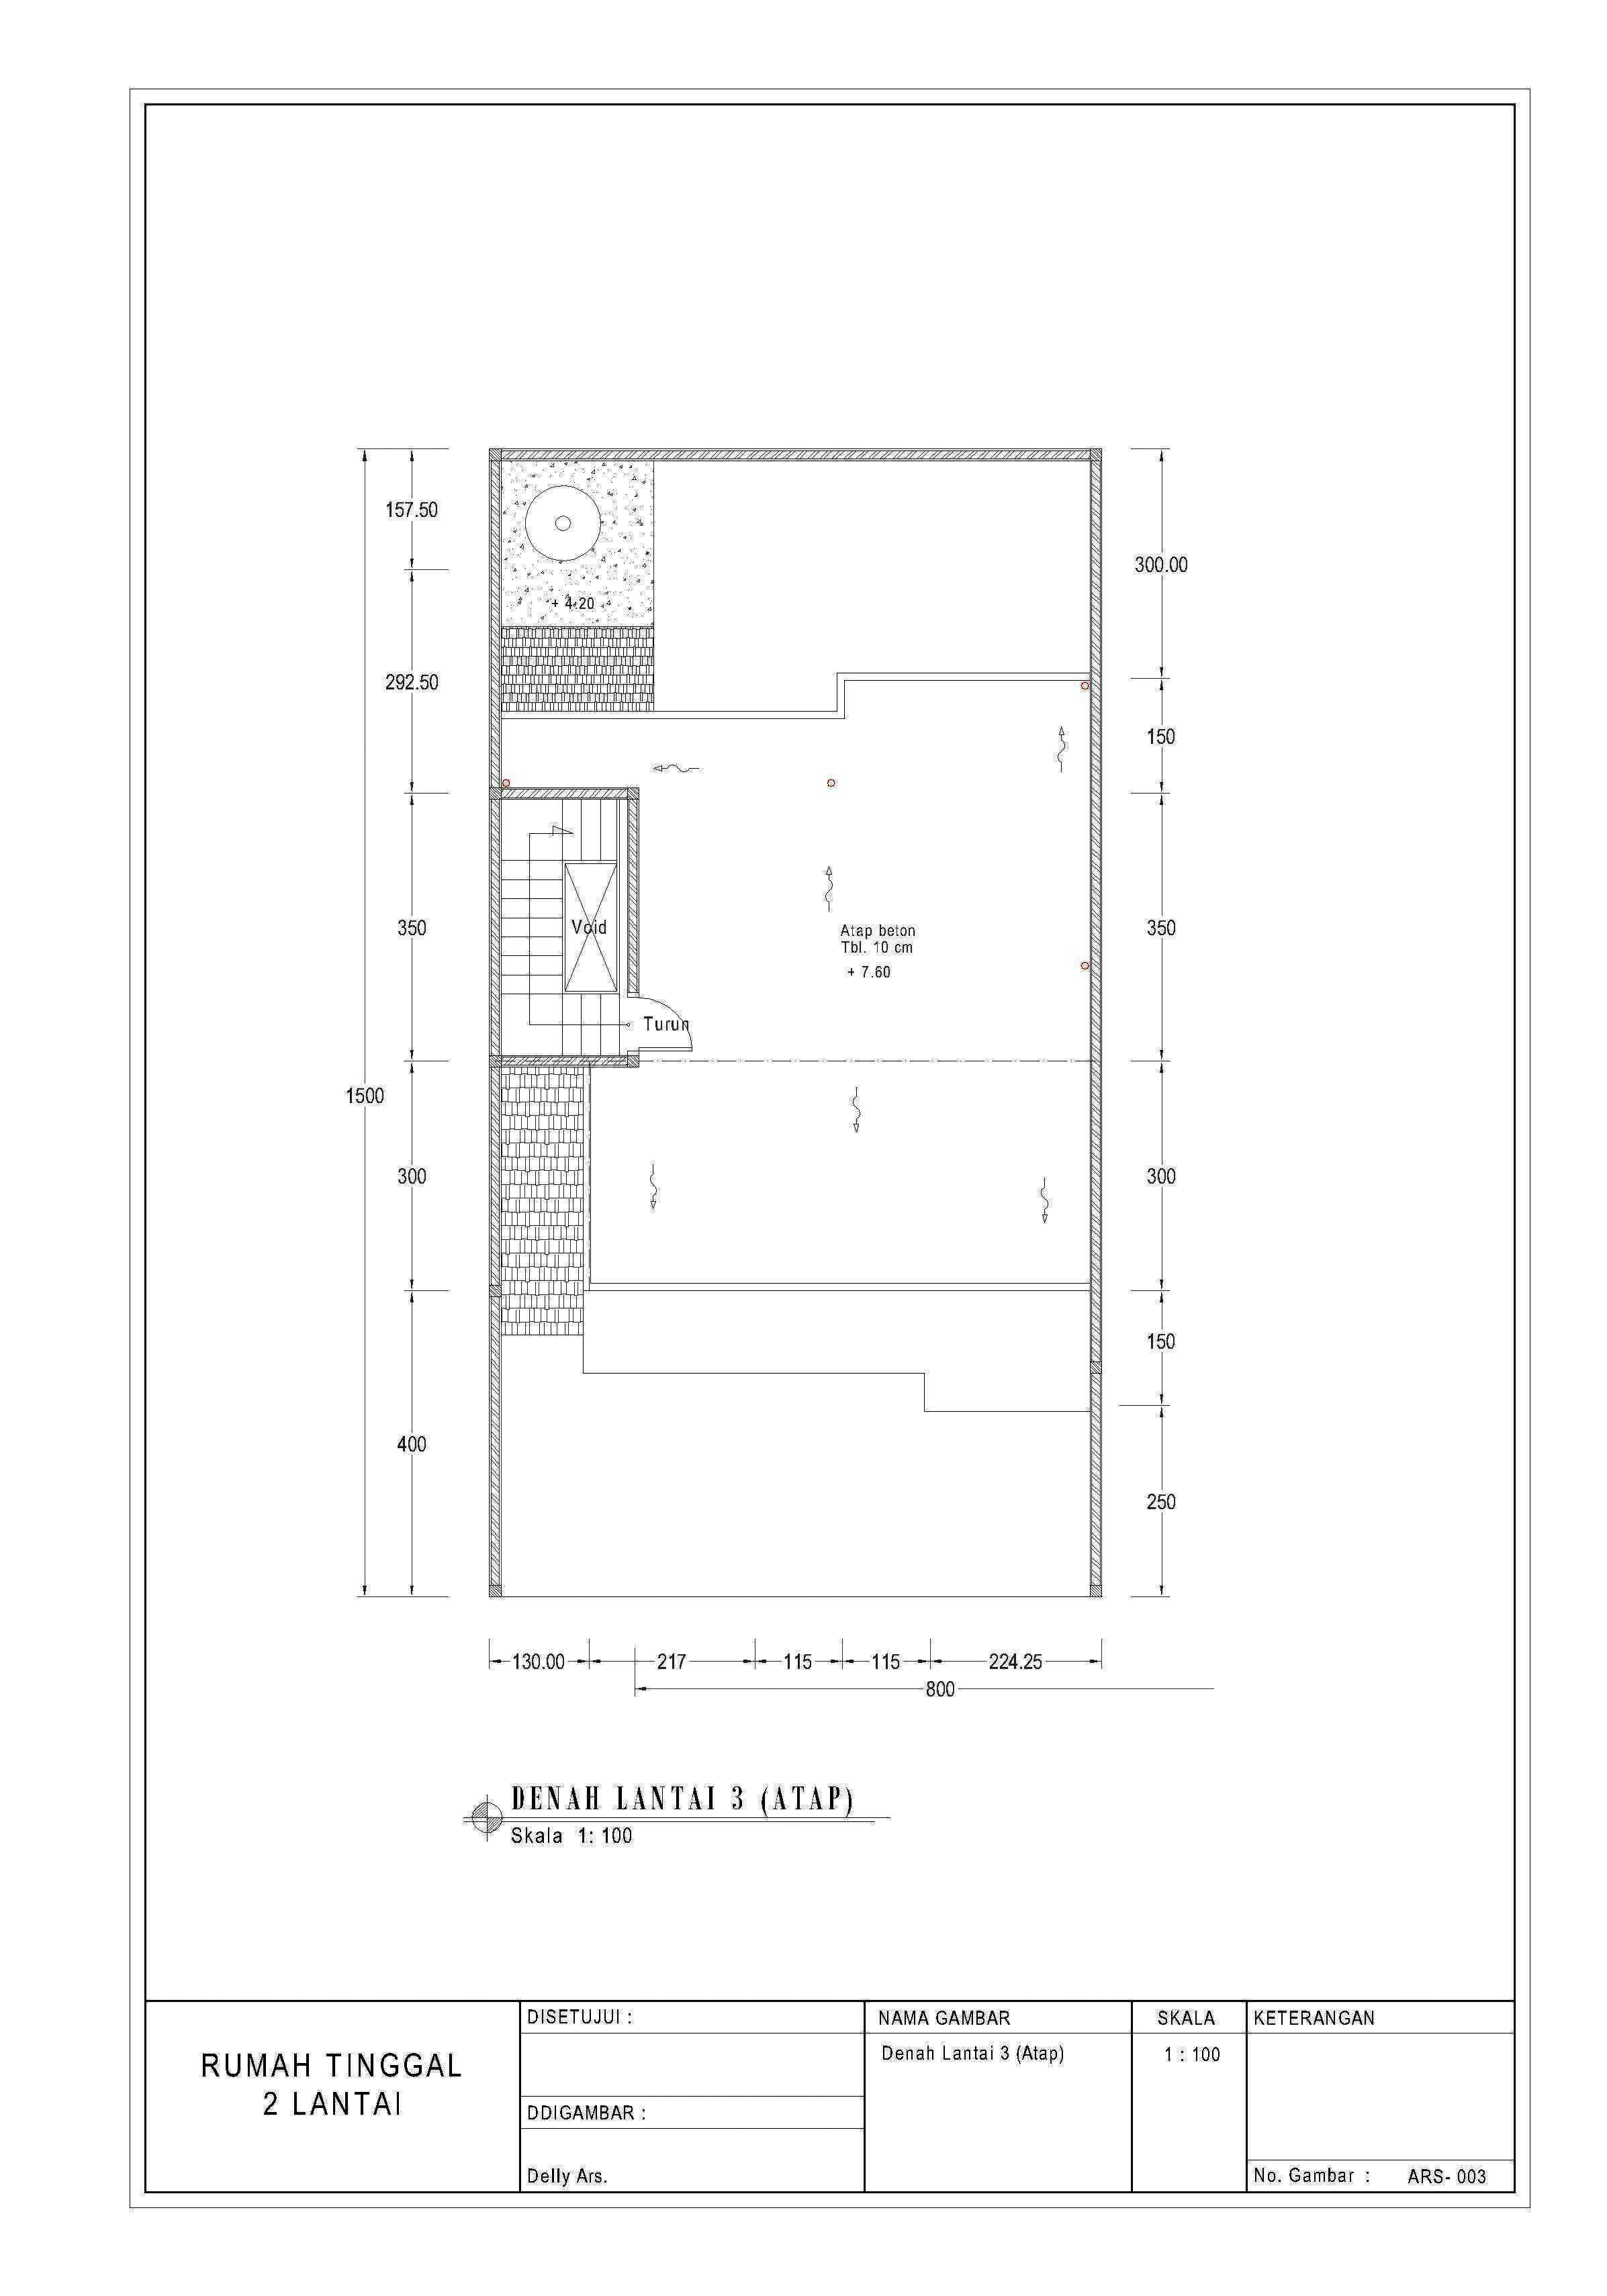 Arsein_Design Bangunan Rumah Tinggal 3Lt Semarang, Kota Semarang, Jawa Tengah, Indonesia Semarang, Kota Semarang, Jawa Tengah, Indonesia Arseindesign-Bangunan-Rumah-Tinggal-3Lt   82474